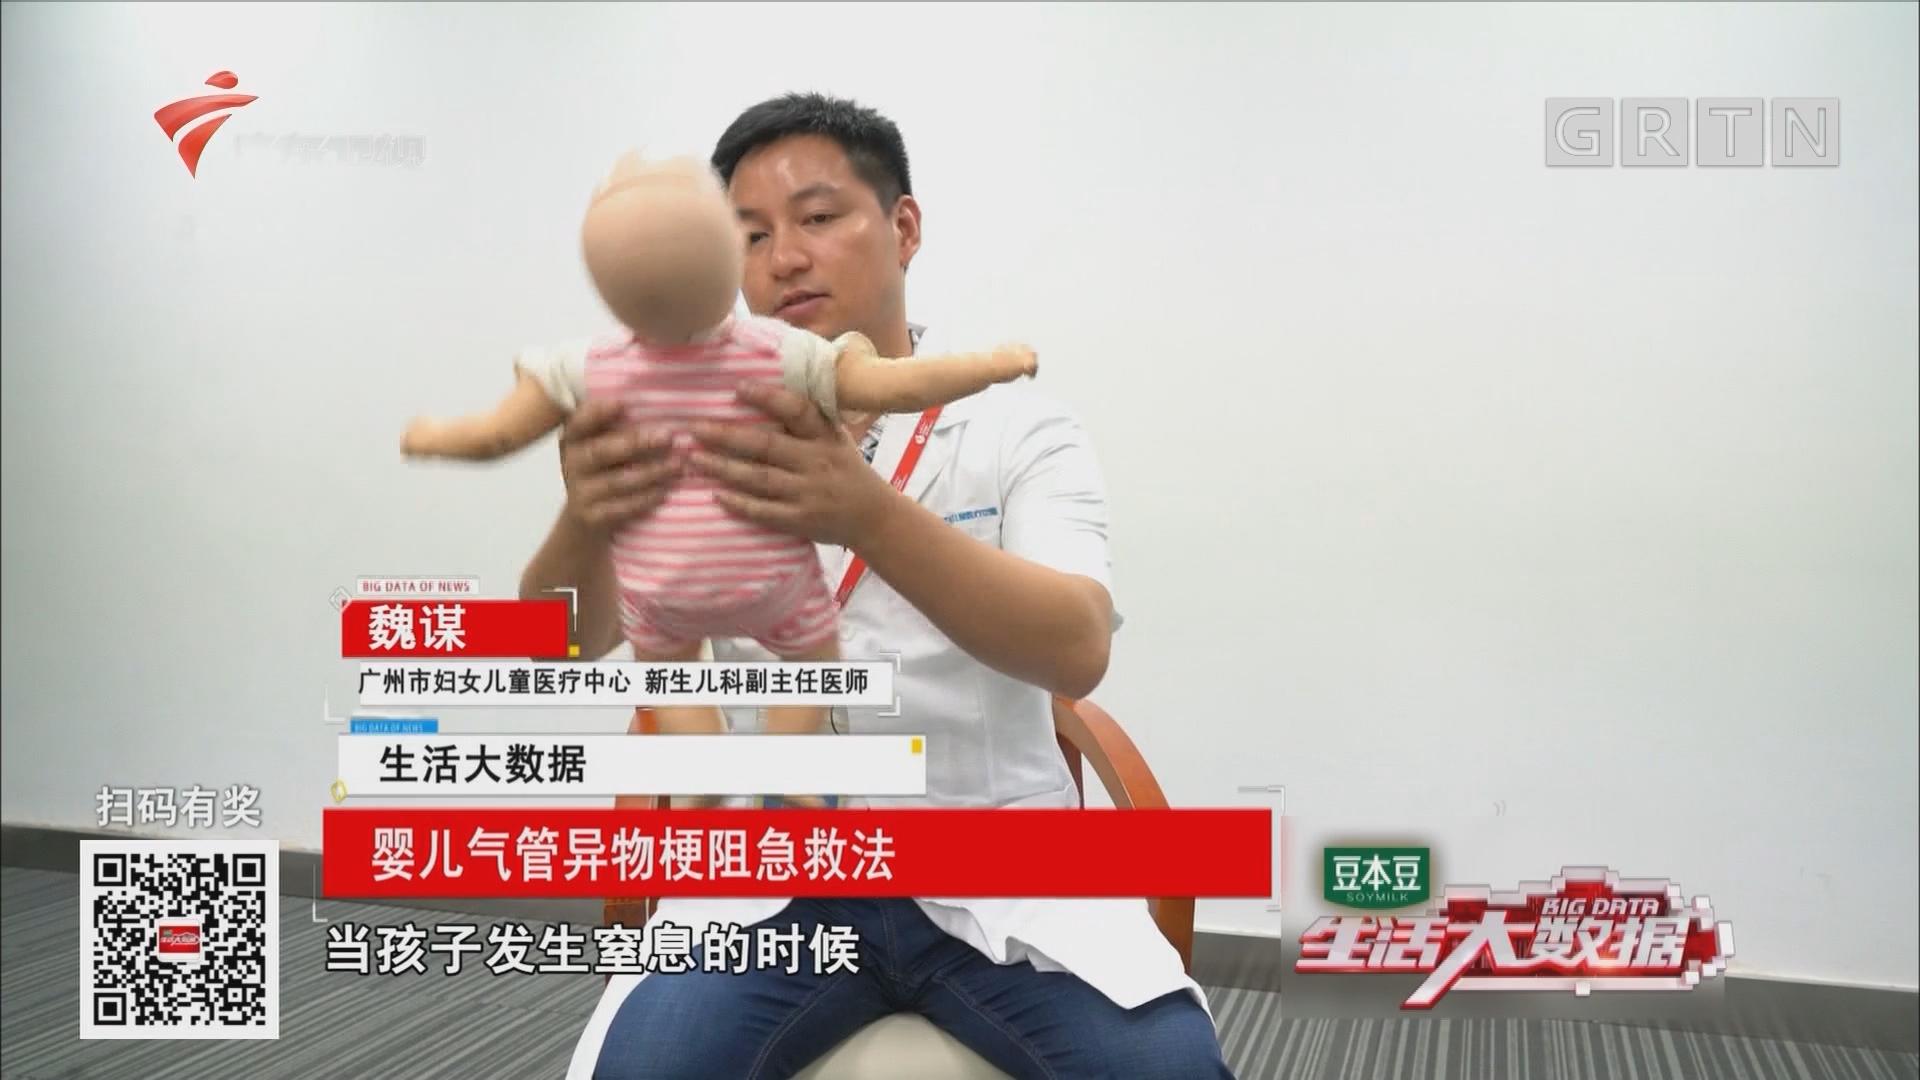 婴儿气管异物梗阻急救法